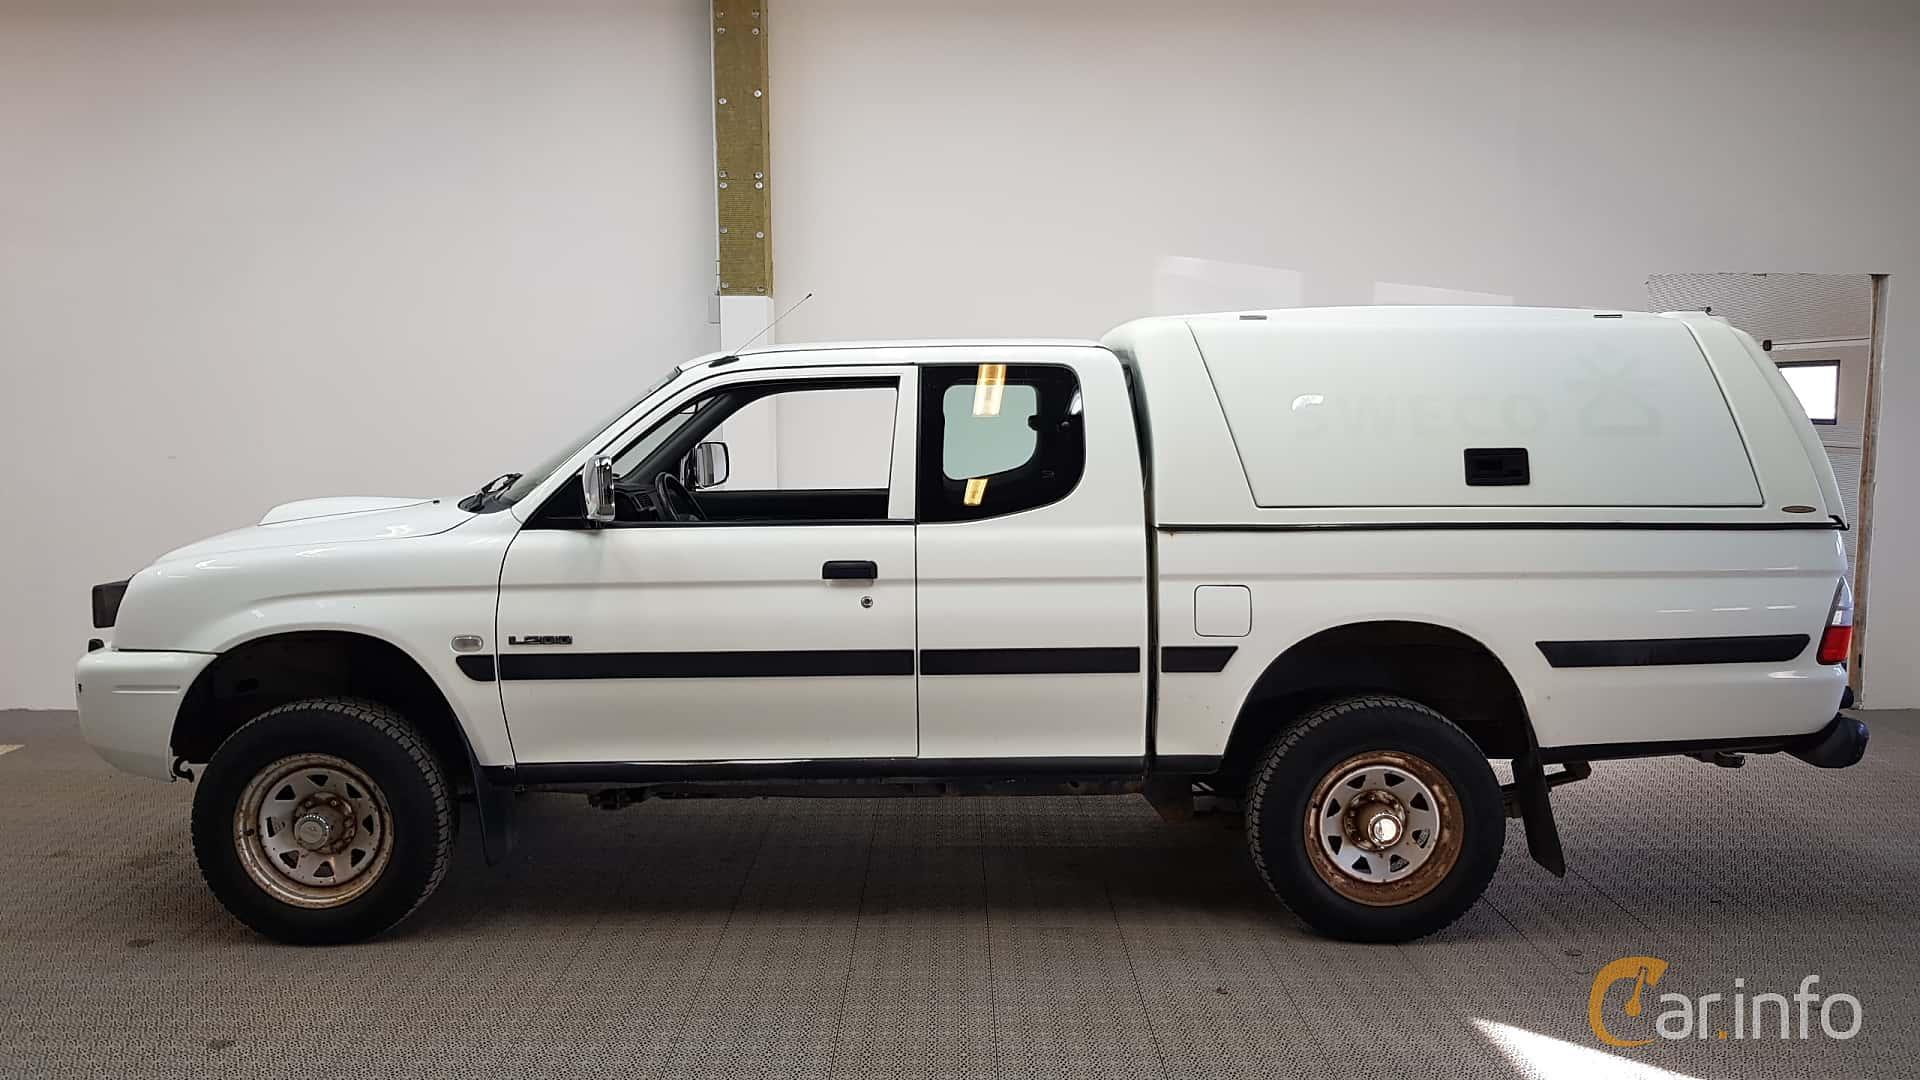 mitsubishi l200 club cab 2 4 manual 147hp 2000. Black Bedroom Furniture Sets. Home Design Ideas